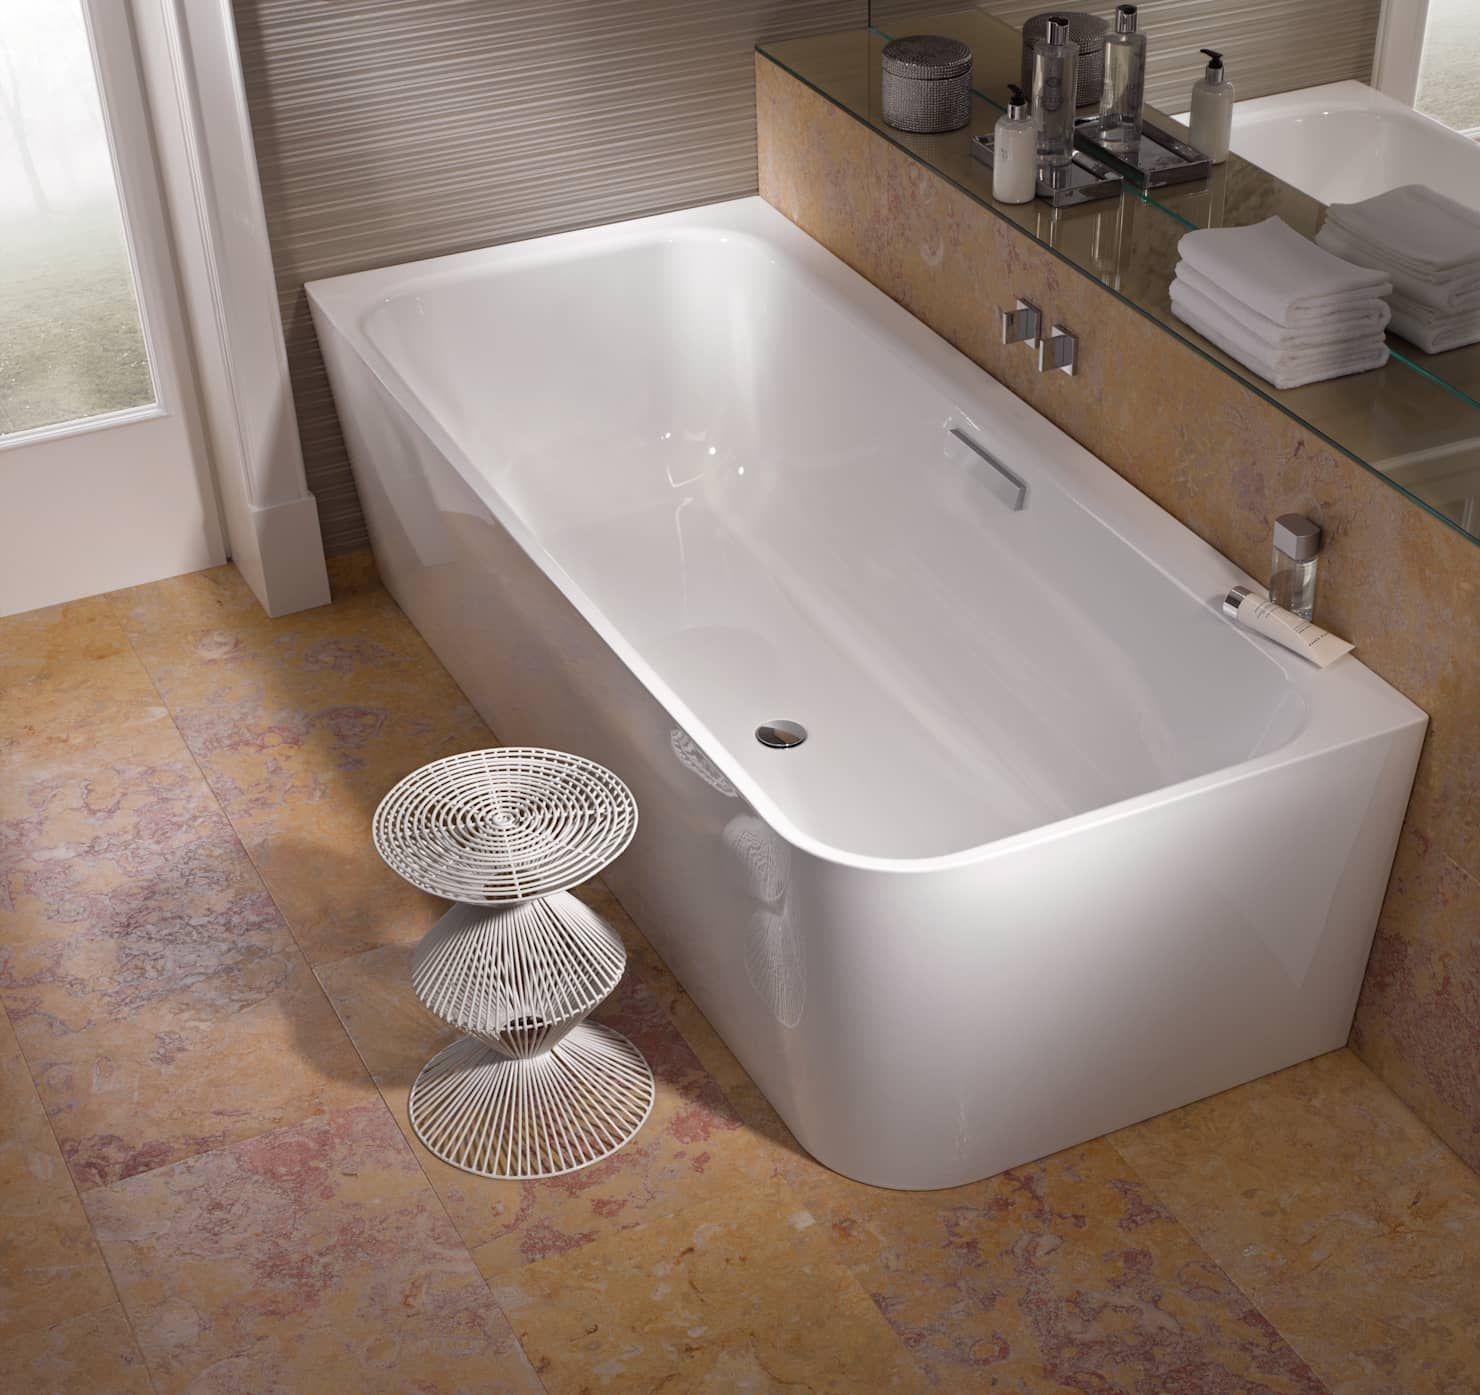 Betteart Jetzt Auch Als Wand Und Eckversion Modern Von Bette Gmbh Co Kg Modern Mit Bildern Kind Badezimmer Badezimmerideen Grosse Badezimmer